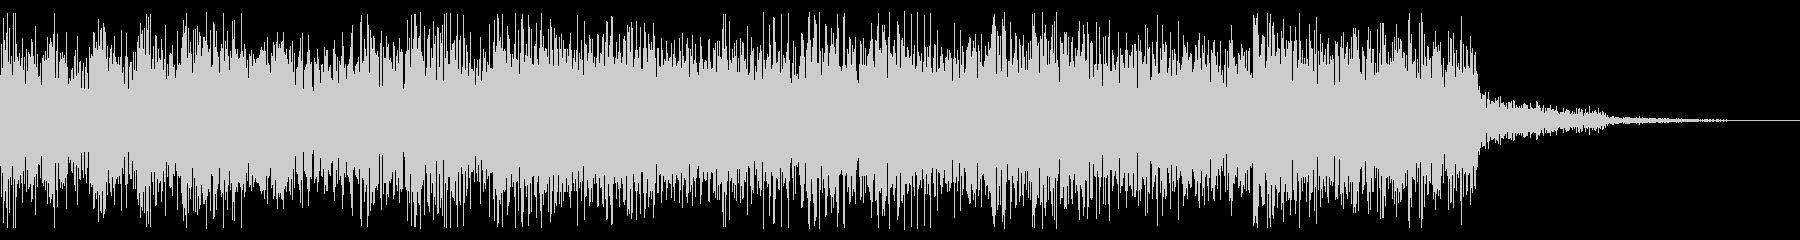 レトロゲーム音 場面転換、ゲームオーバーの未再生の波形